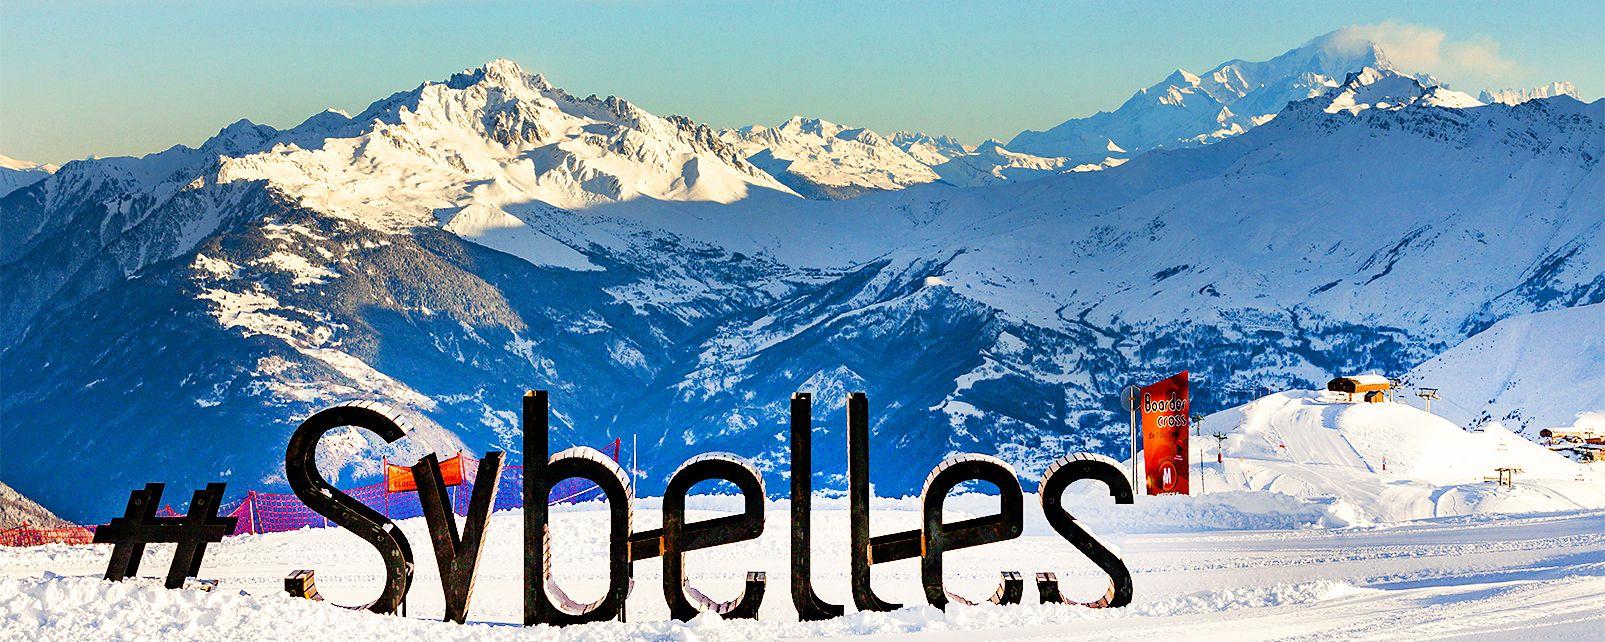 Les Sybelles, Rhône-Alpes, France,